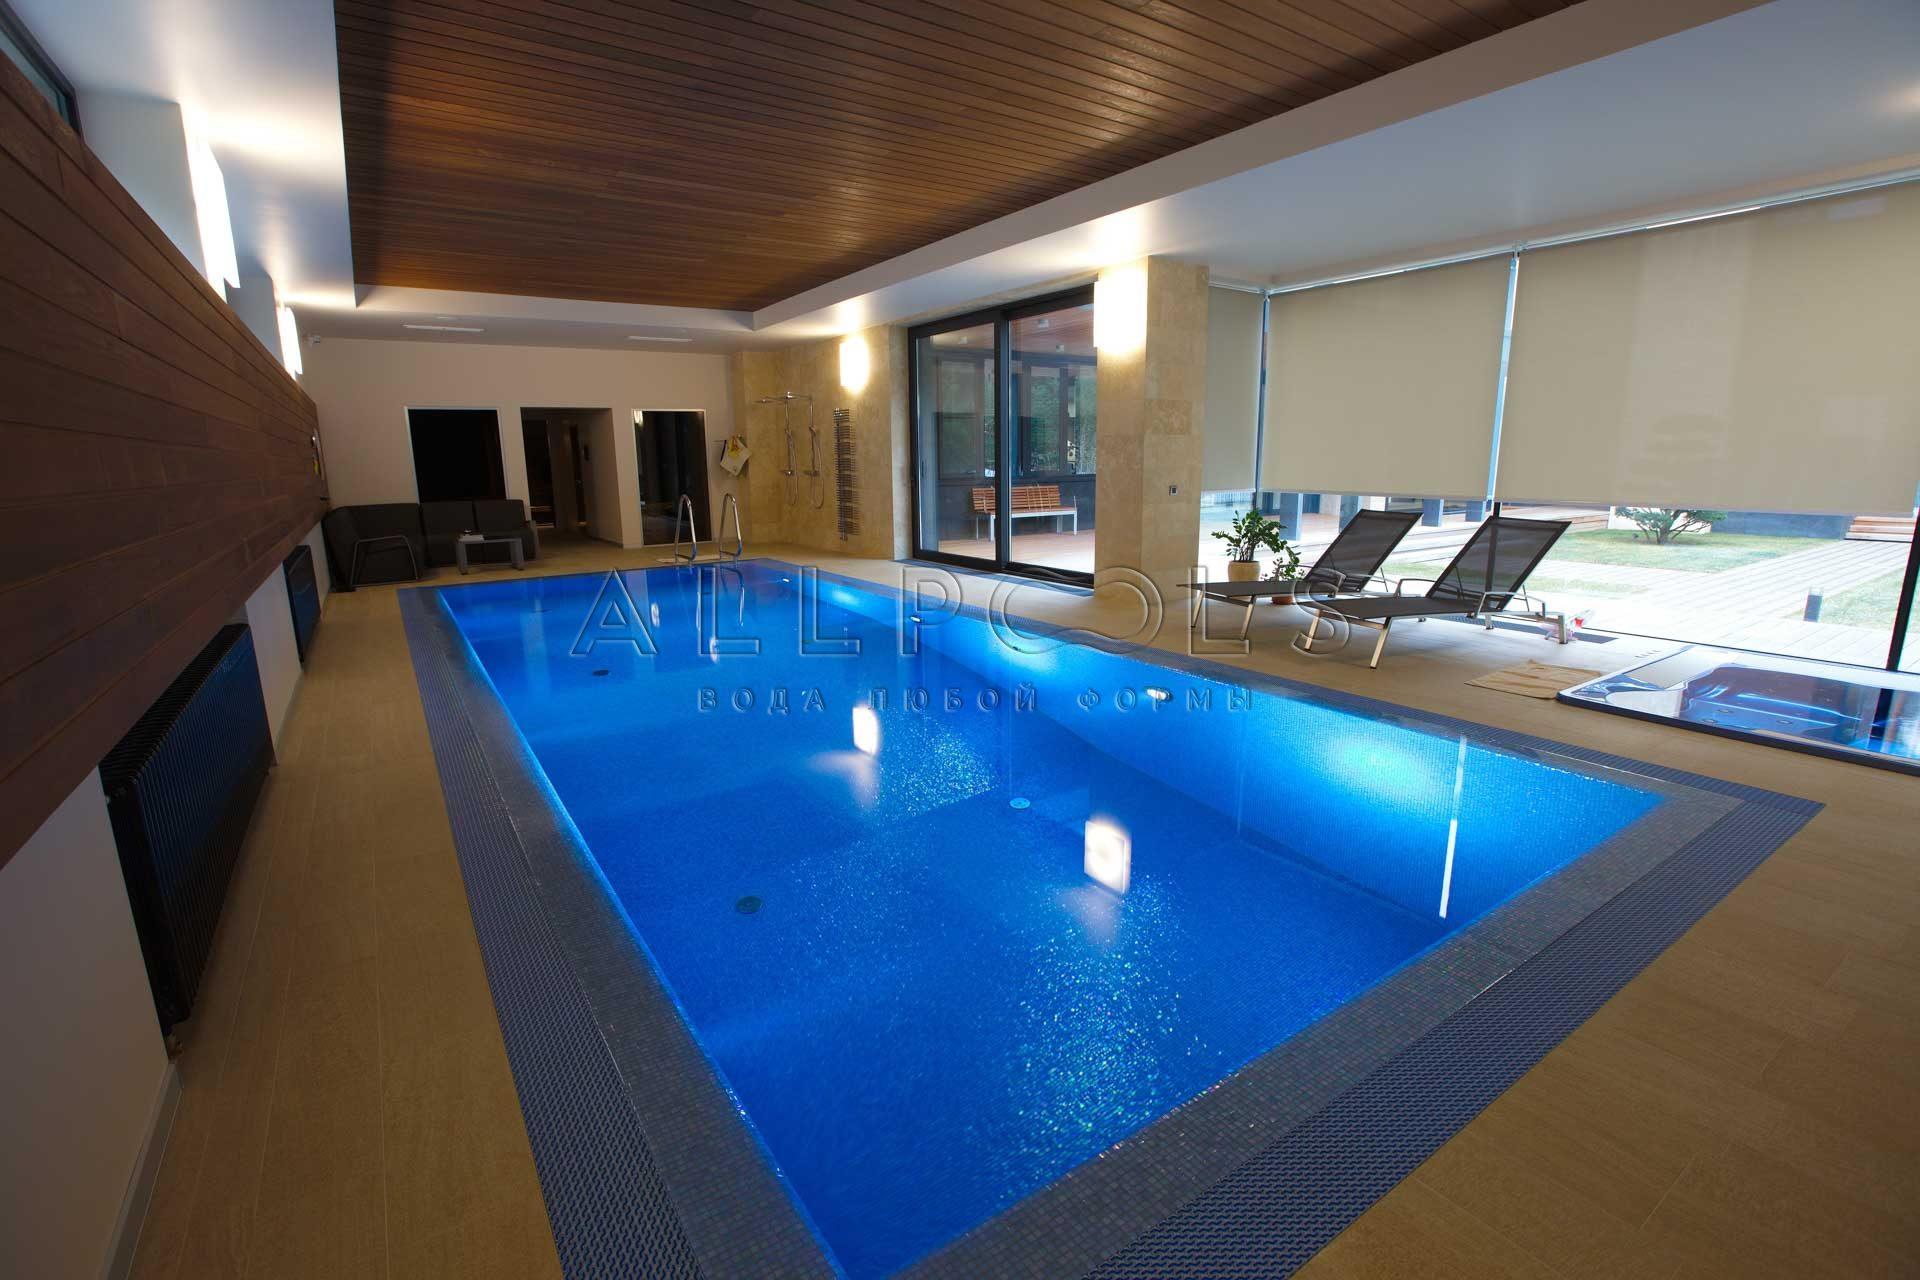 Плавательный бассейн, джакузи и сауна в частном доме для отдыха